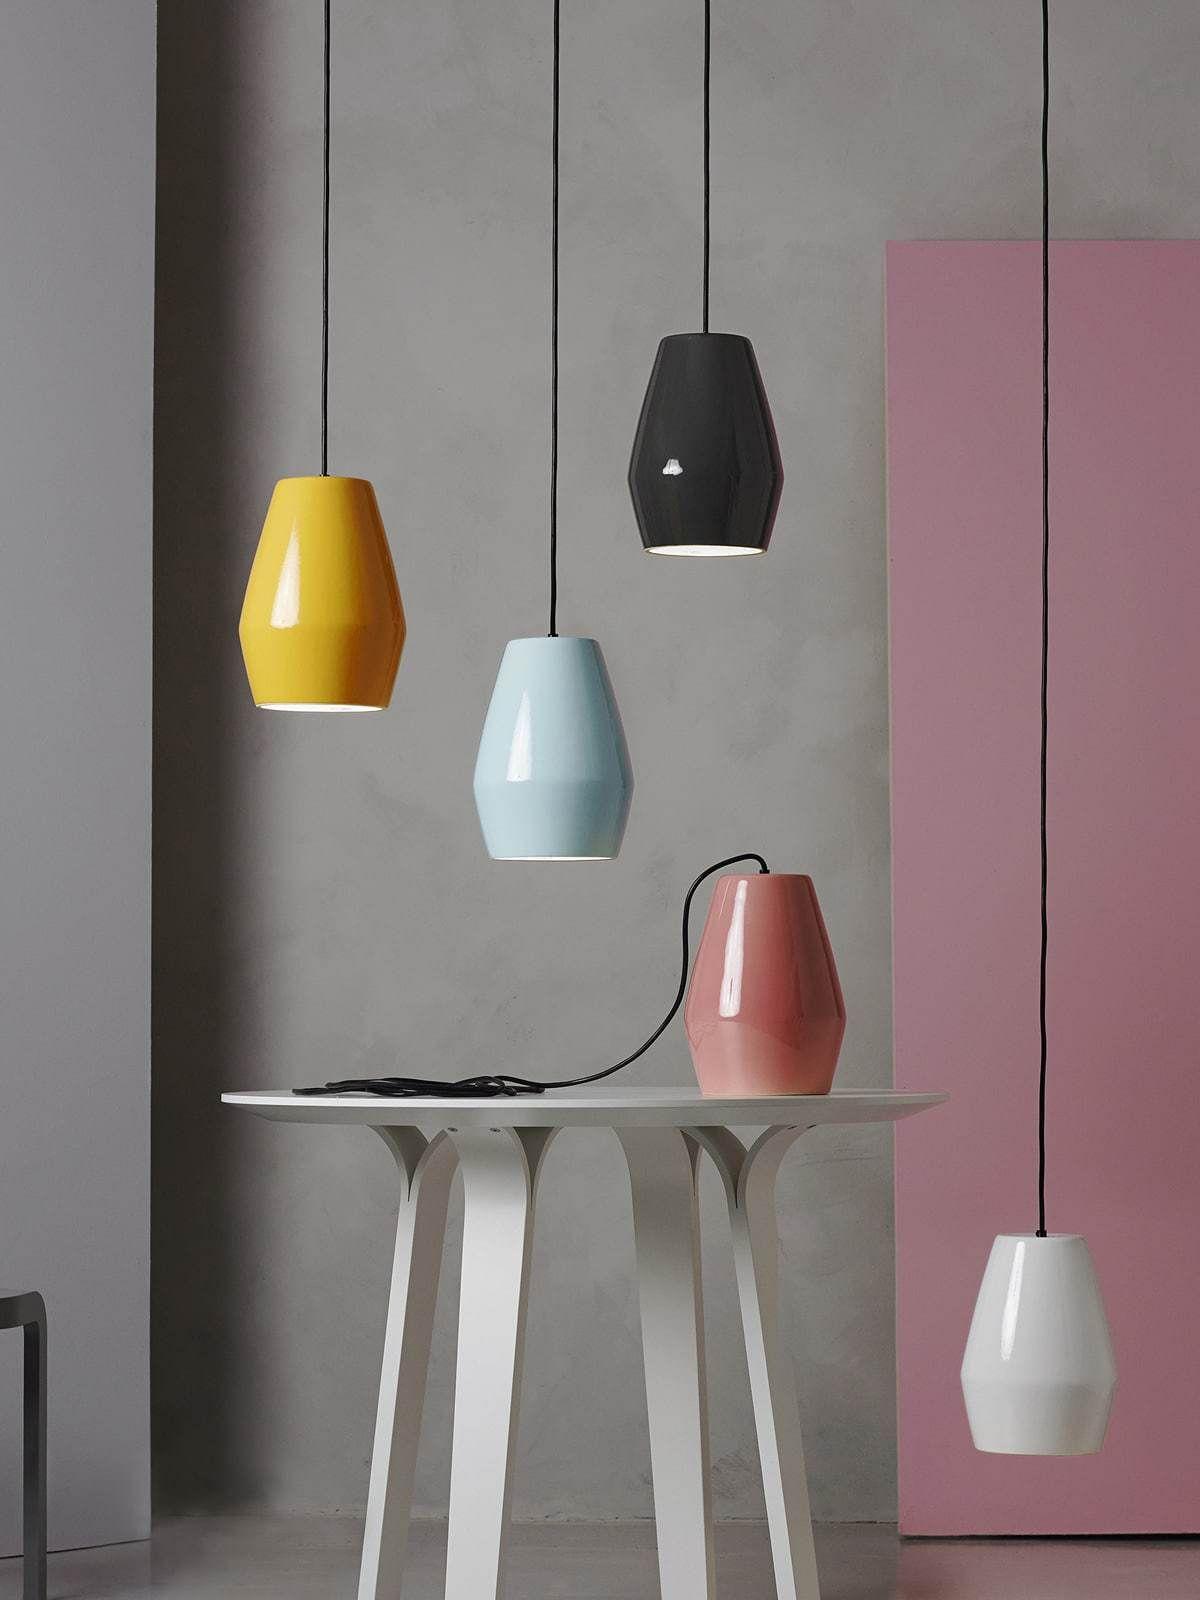 Belle Pendelleuchte In Fnf Farben Lampen WohnzimmerLampe EsstischInnenarchitekturHelle